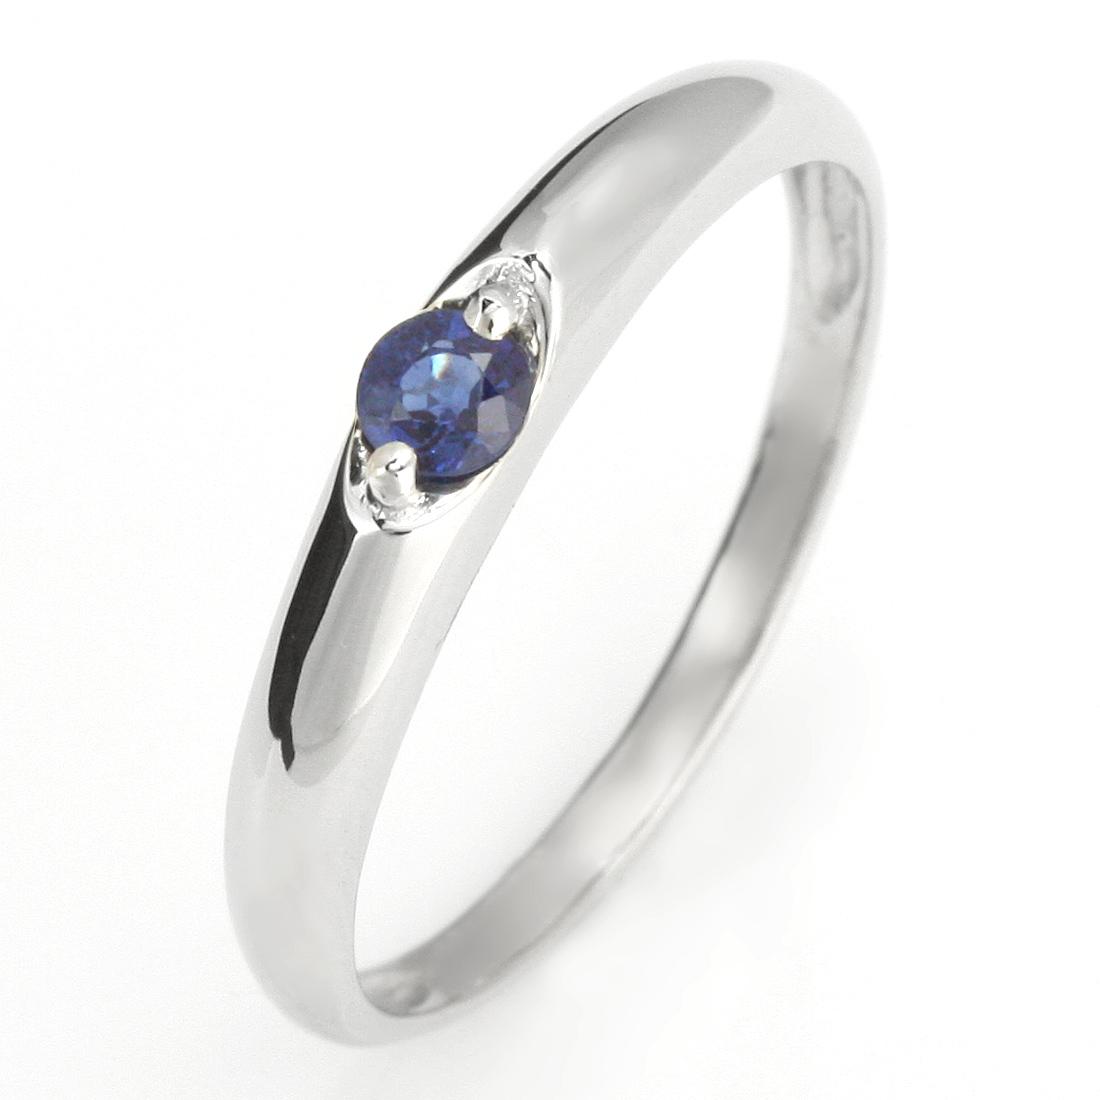 ペアリング 結婚指輪 マリッジリング プラチナ リング サファイア 9月 誕生石【DEAL】